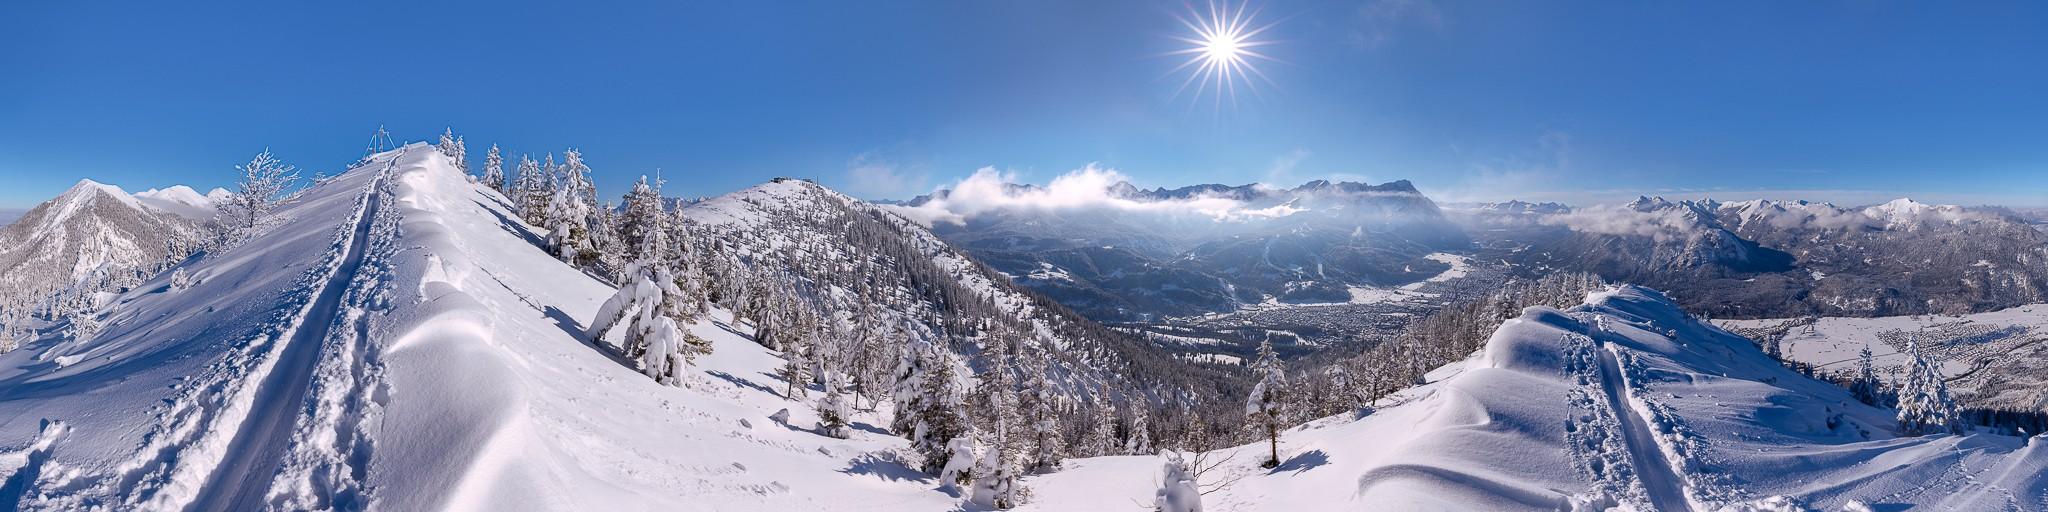 Wank - Garmisch-Partenkirchen - Winterpanorama